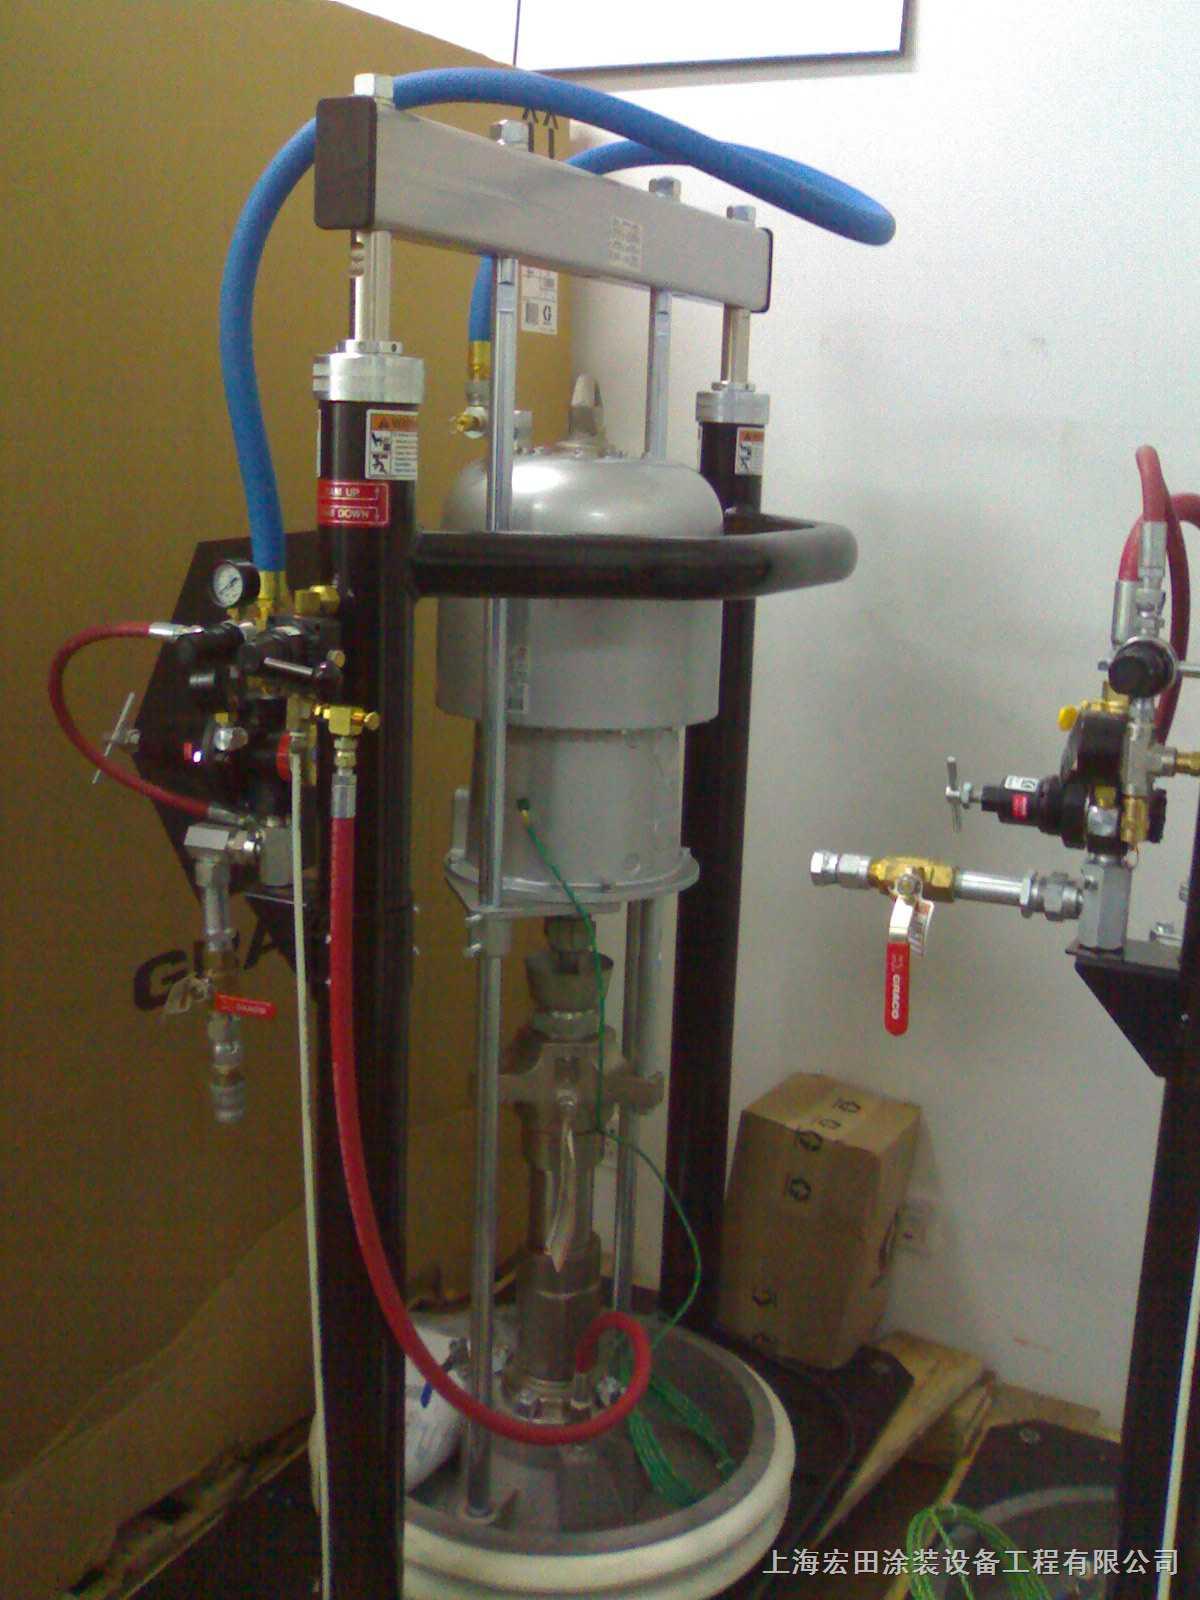 GRACO气动柱塞泵触液体部件均由优质不锈钢制成,密封部件有皮革、高分子聚合物以及特氟龙等多种材料可供选择和组合,以适合性质不同的液体,从水性或油性的油漆涂料到各种粘度的胶水以及食品行业的果酱和番茄酱等等。GRACO气动柱塞泵可以直接插进桶中进行抽吸,可将液体彻底泵送干净